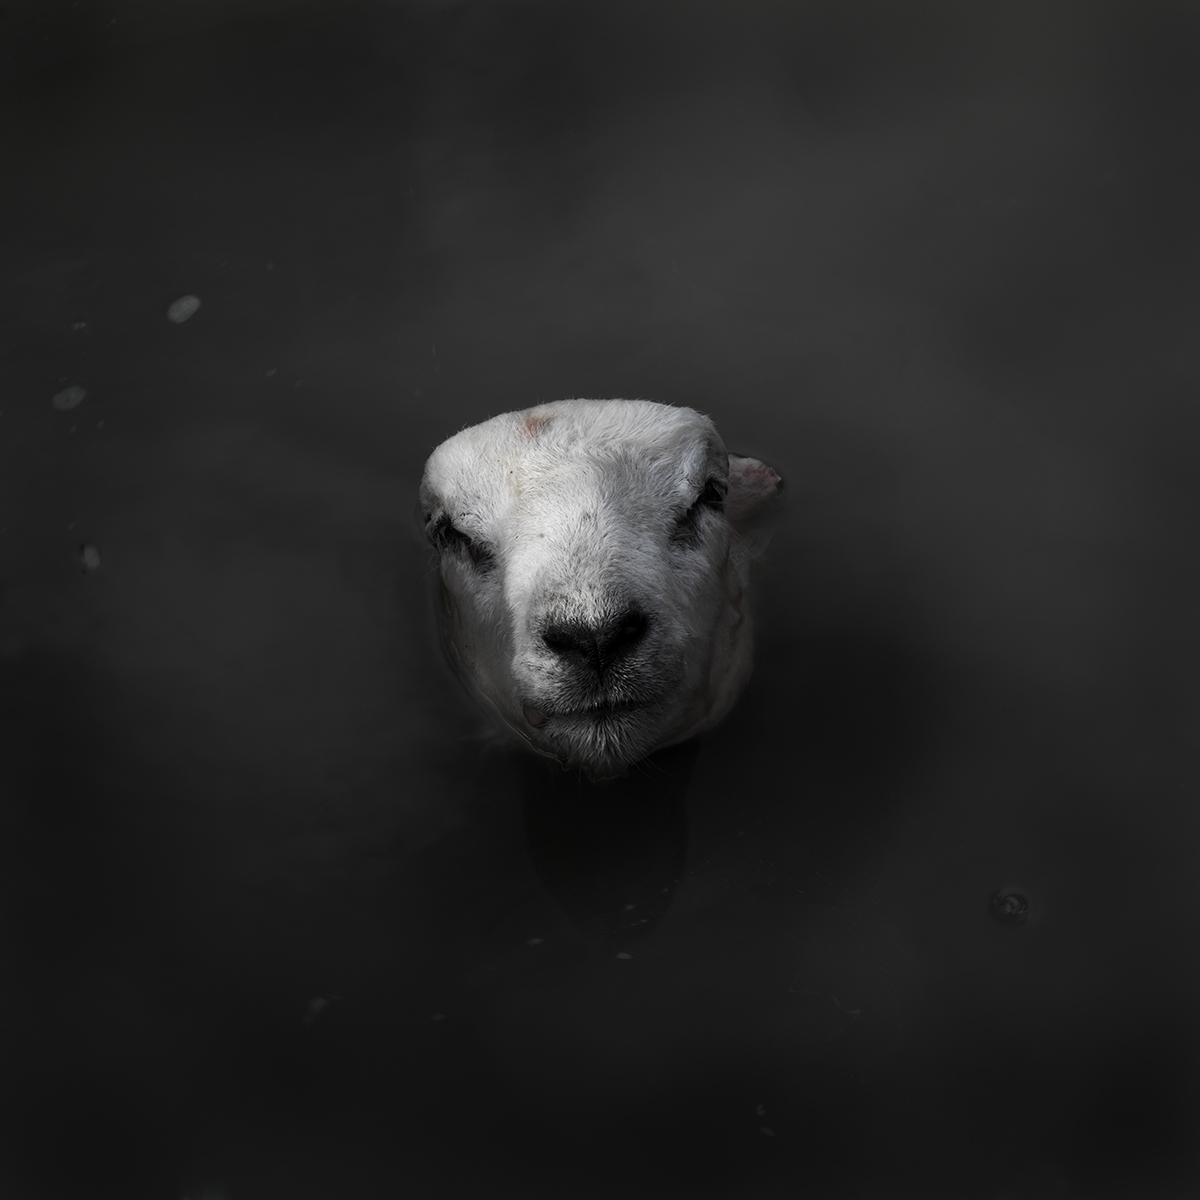 Sheep no 1